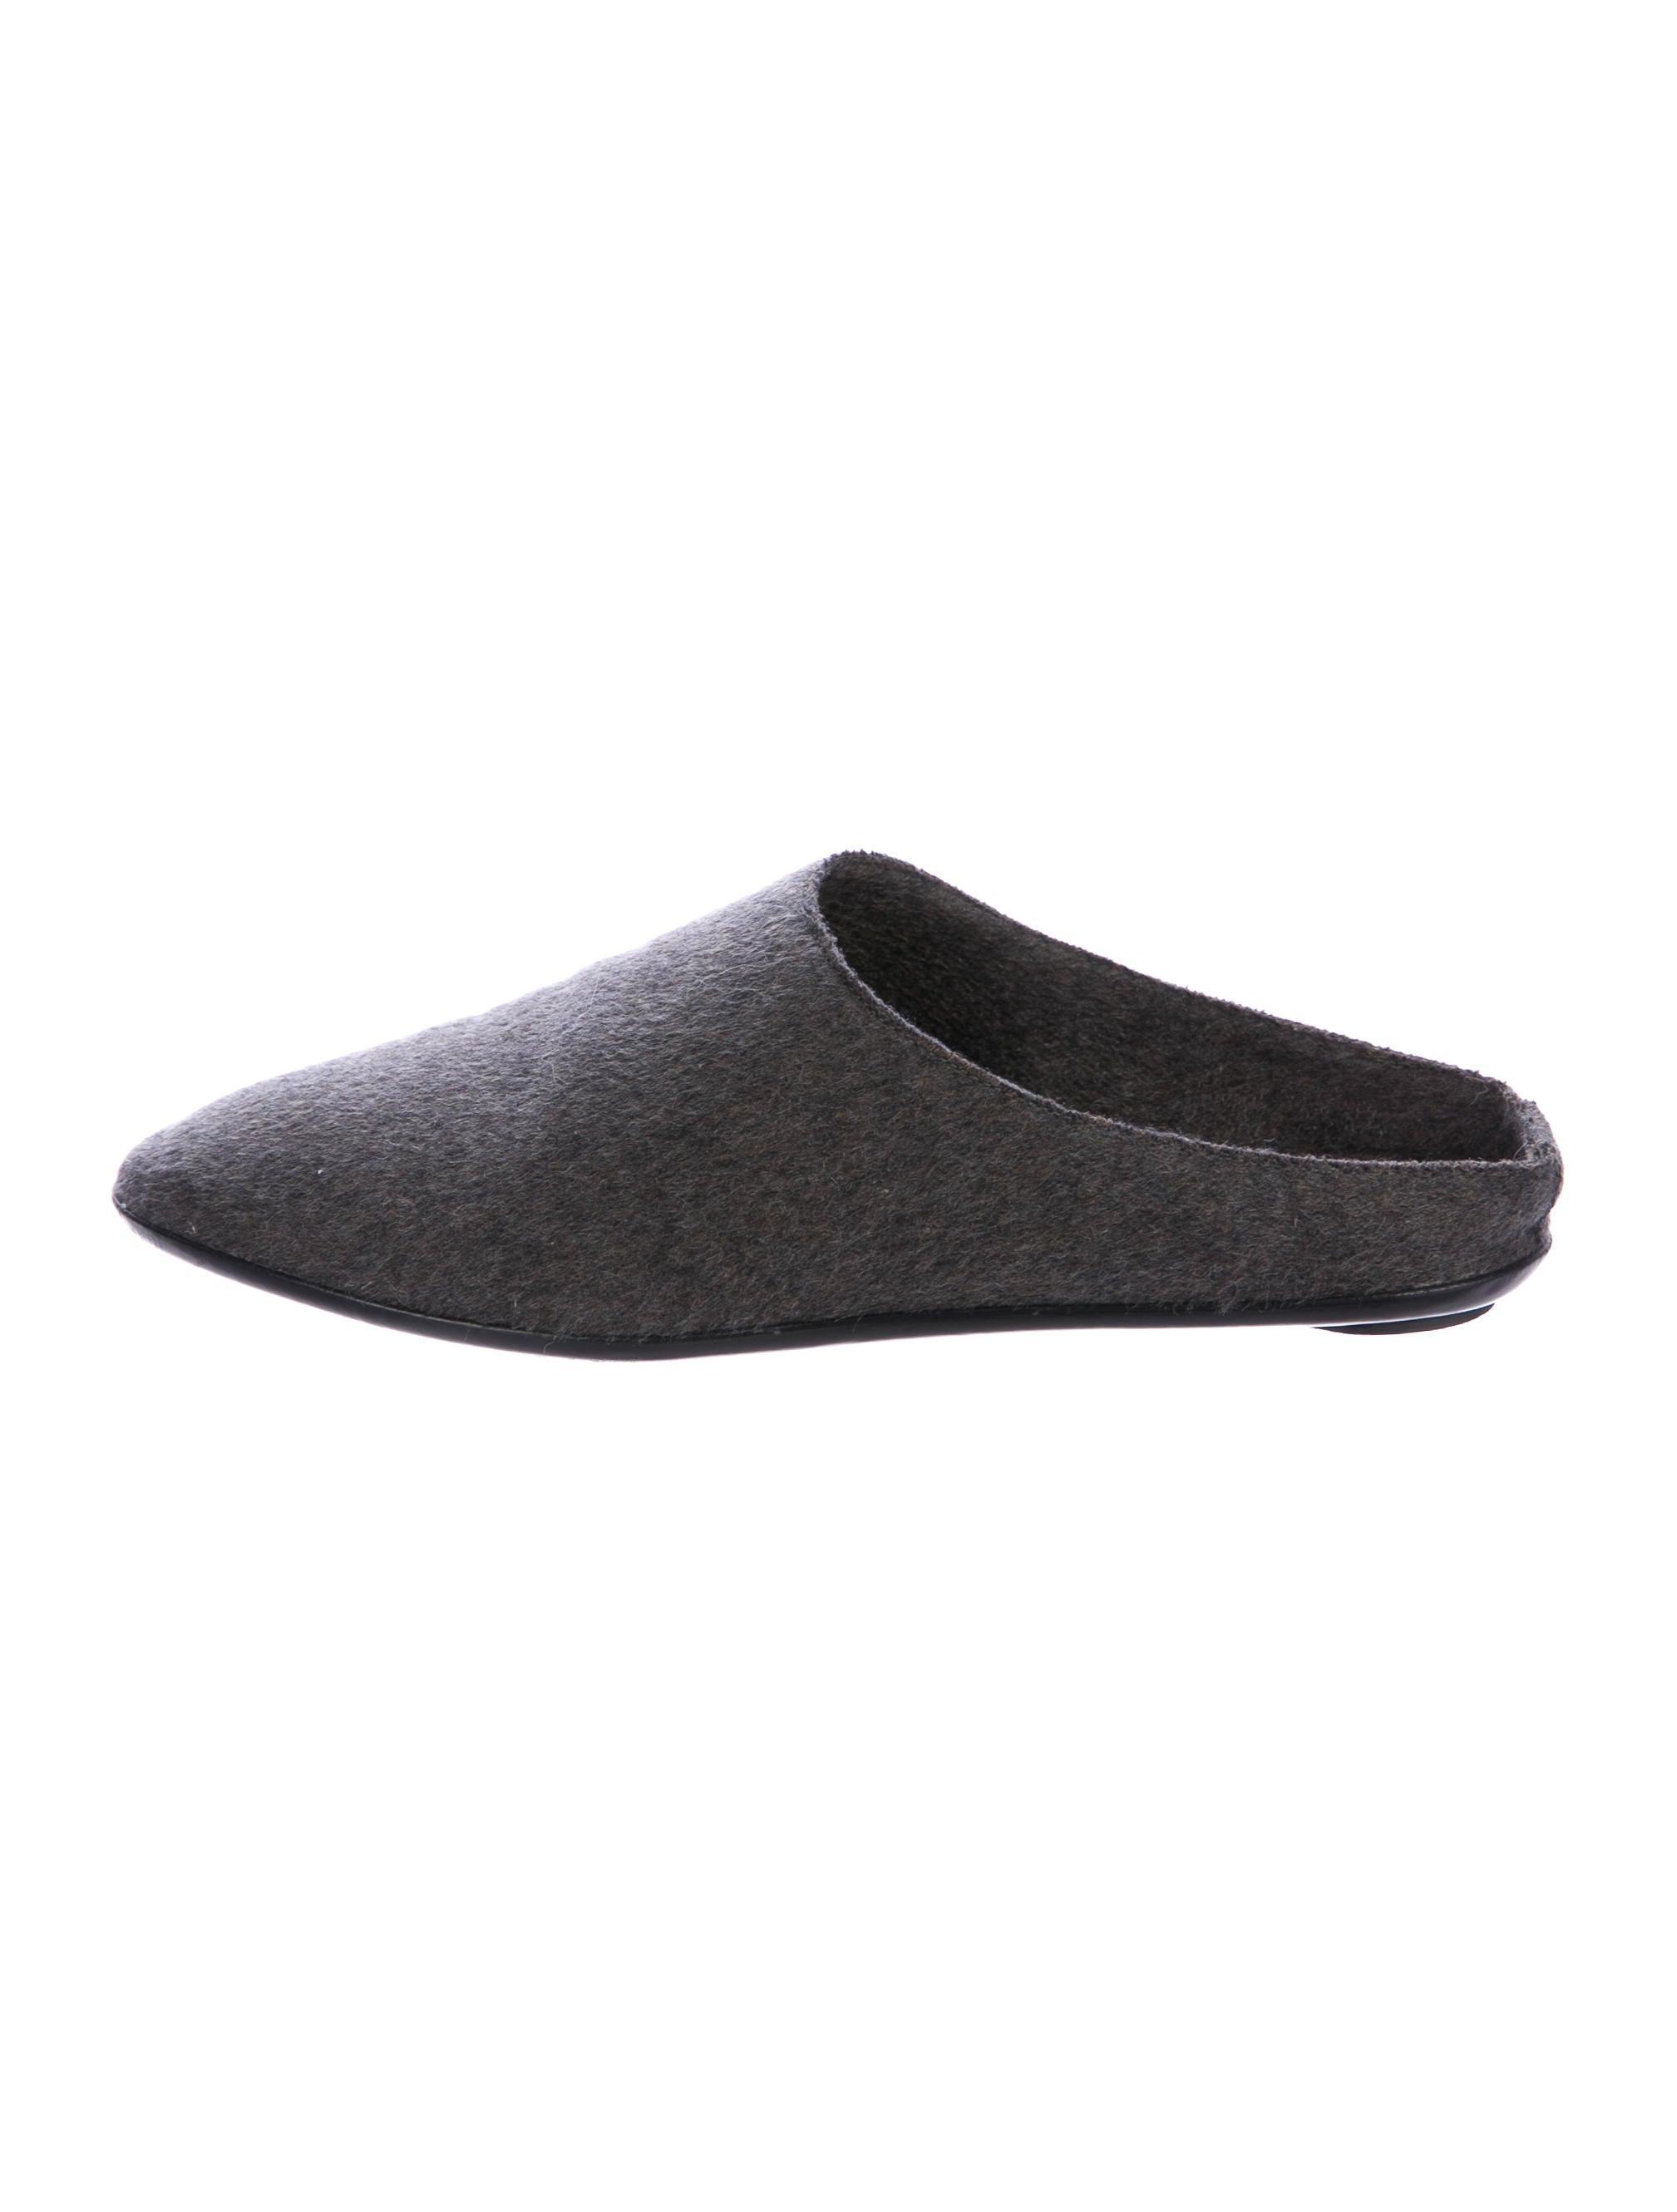 The Row Bea Round-Toe Slippers buy cheap enjoy aBc54